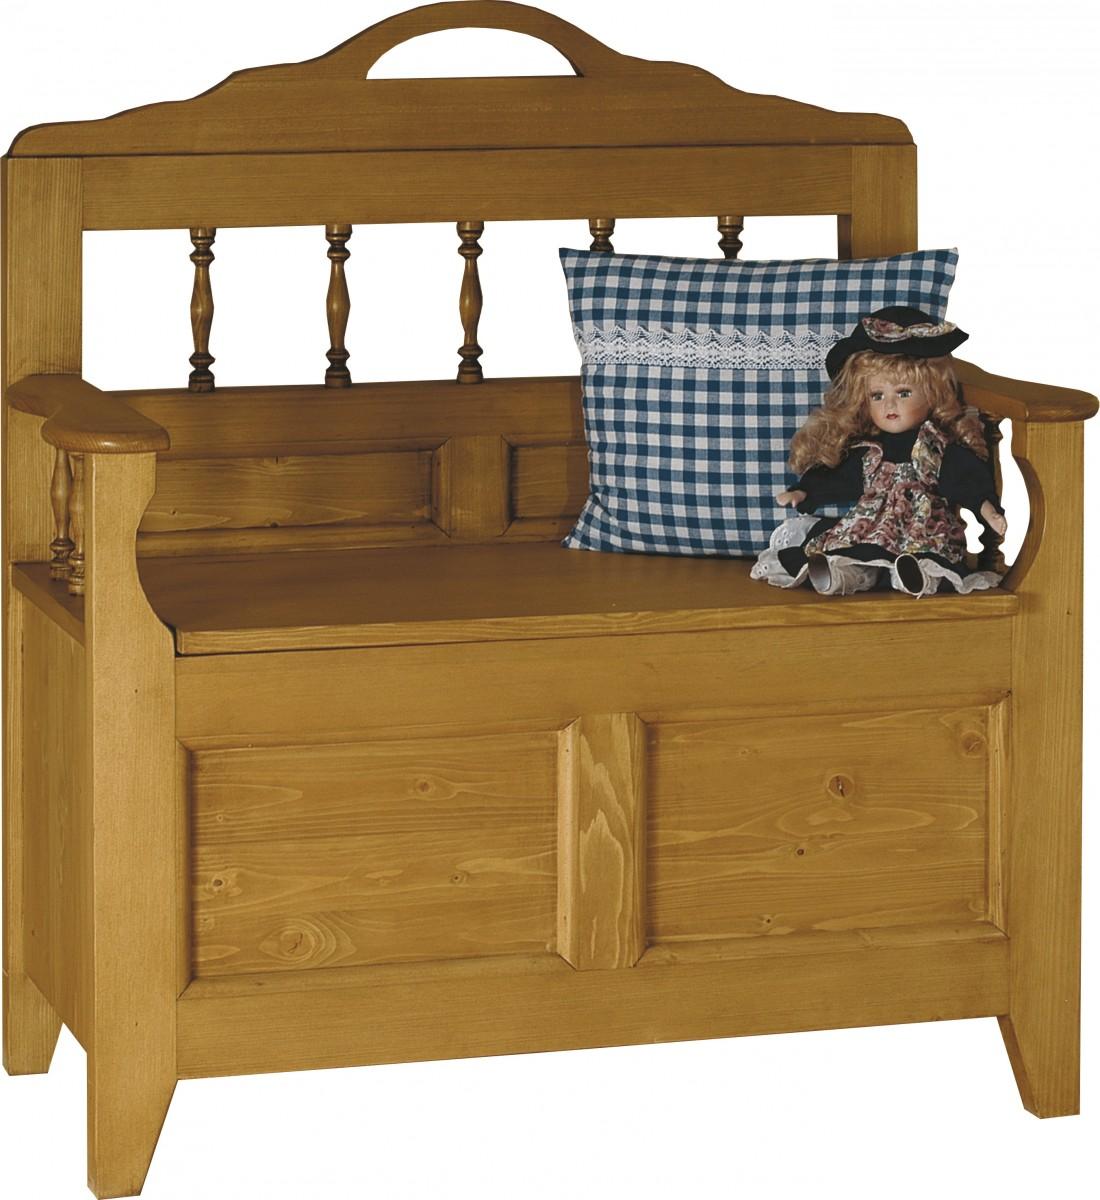 wohnzimmer einrichtungs ideen. Black Bedroom Furniture Sets. Home Design Ideas